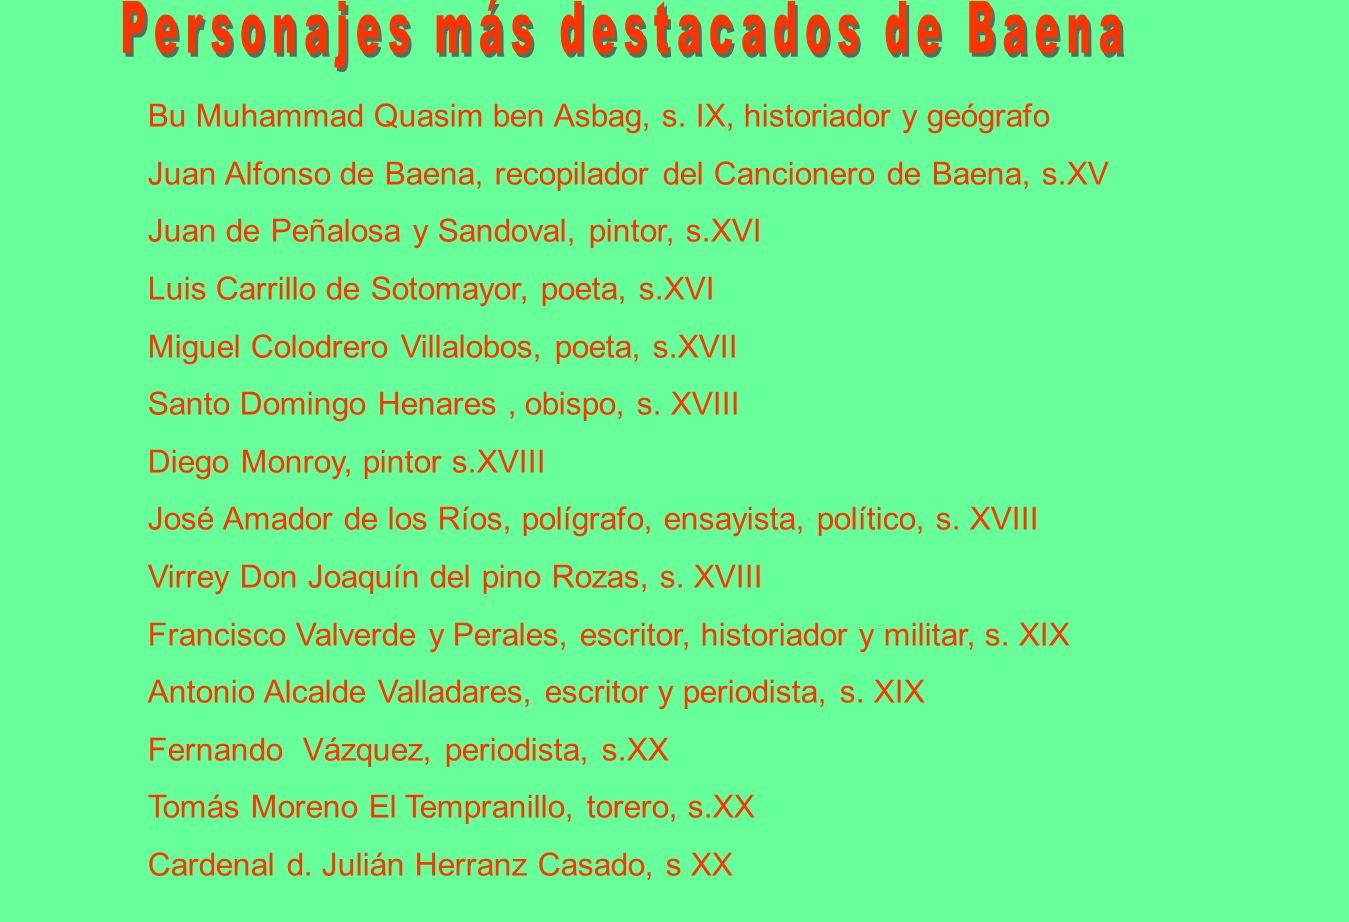 Personajes más destacados de Baena